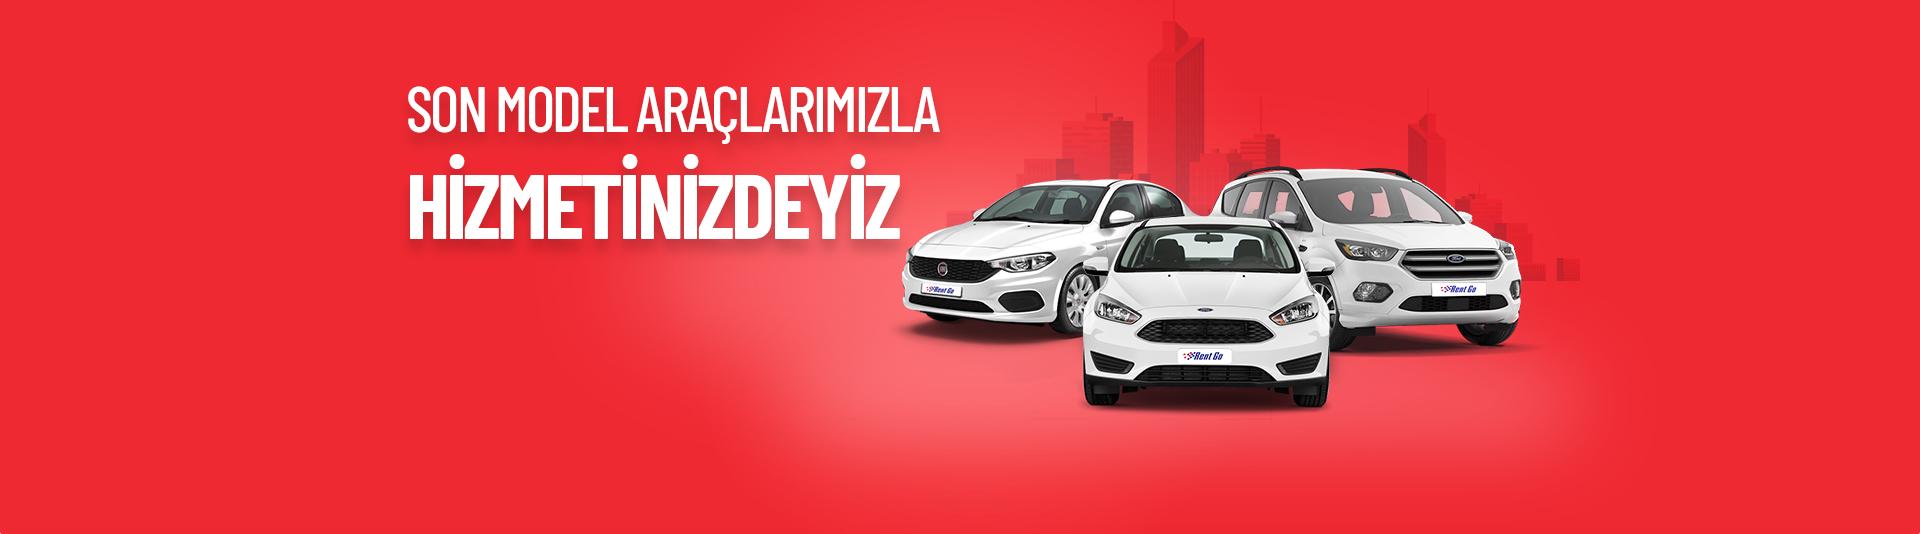 Rent Go | Türkiye'nin Araç Kiralama Şirketi